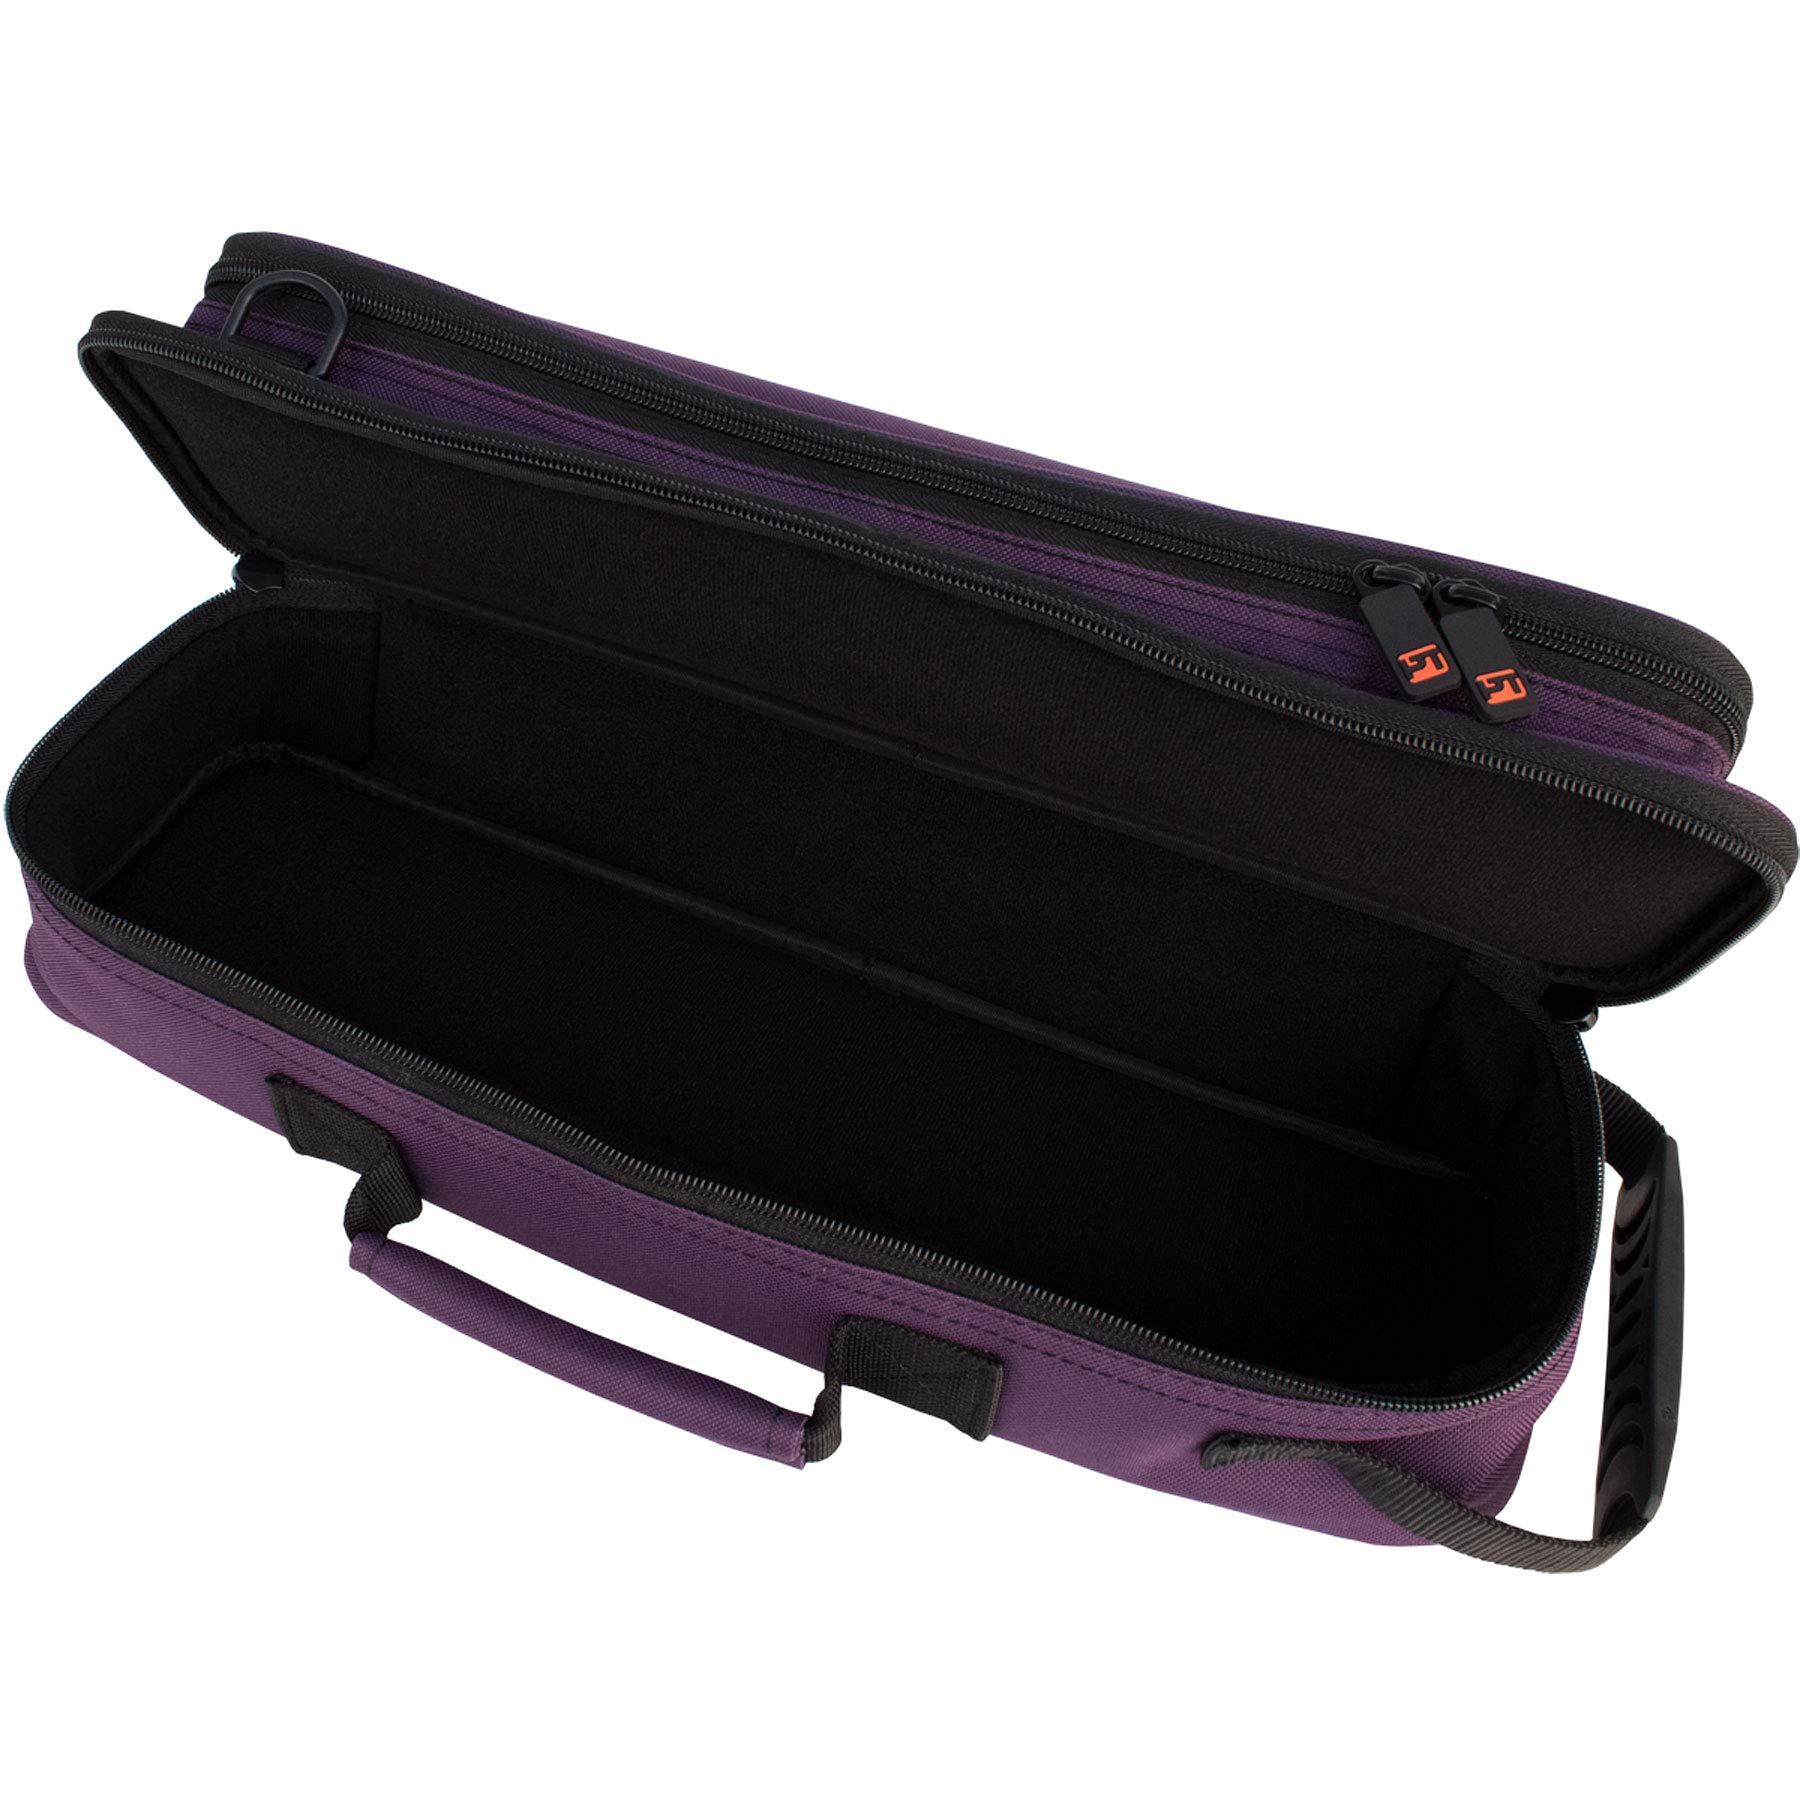 Protec A308PR - Estuche para flauta travesera, color violeta: Amazon.es: Instrumentos musicales